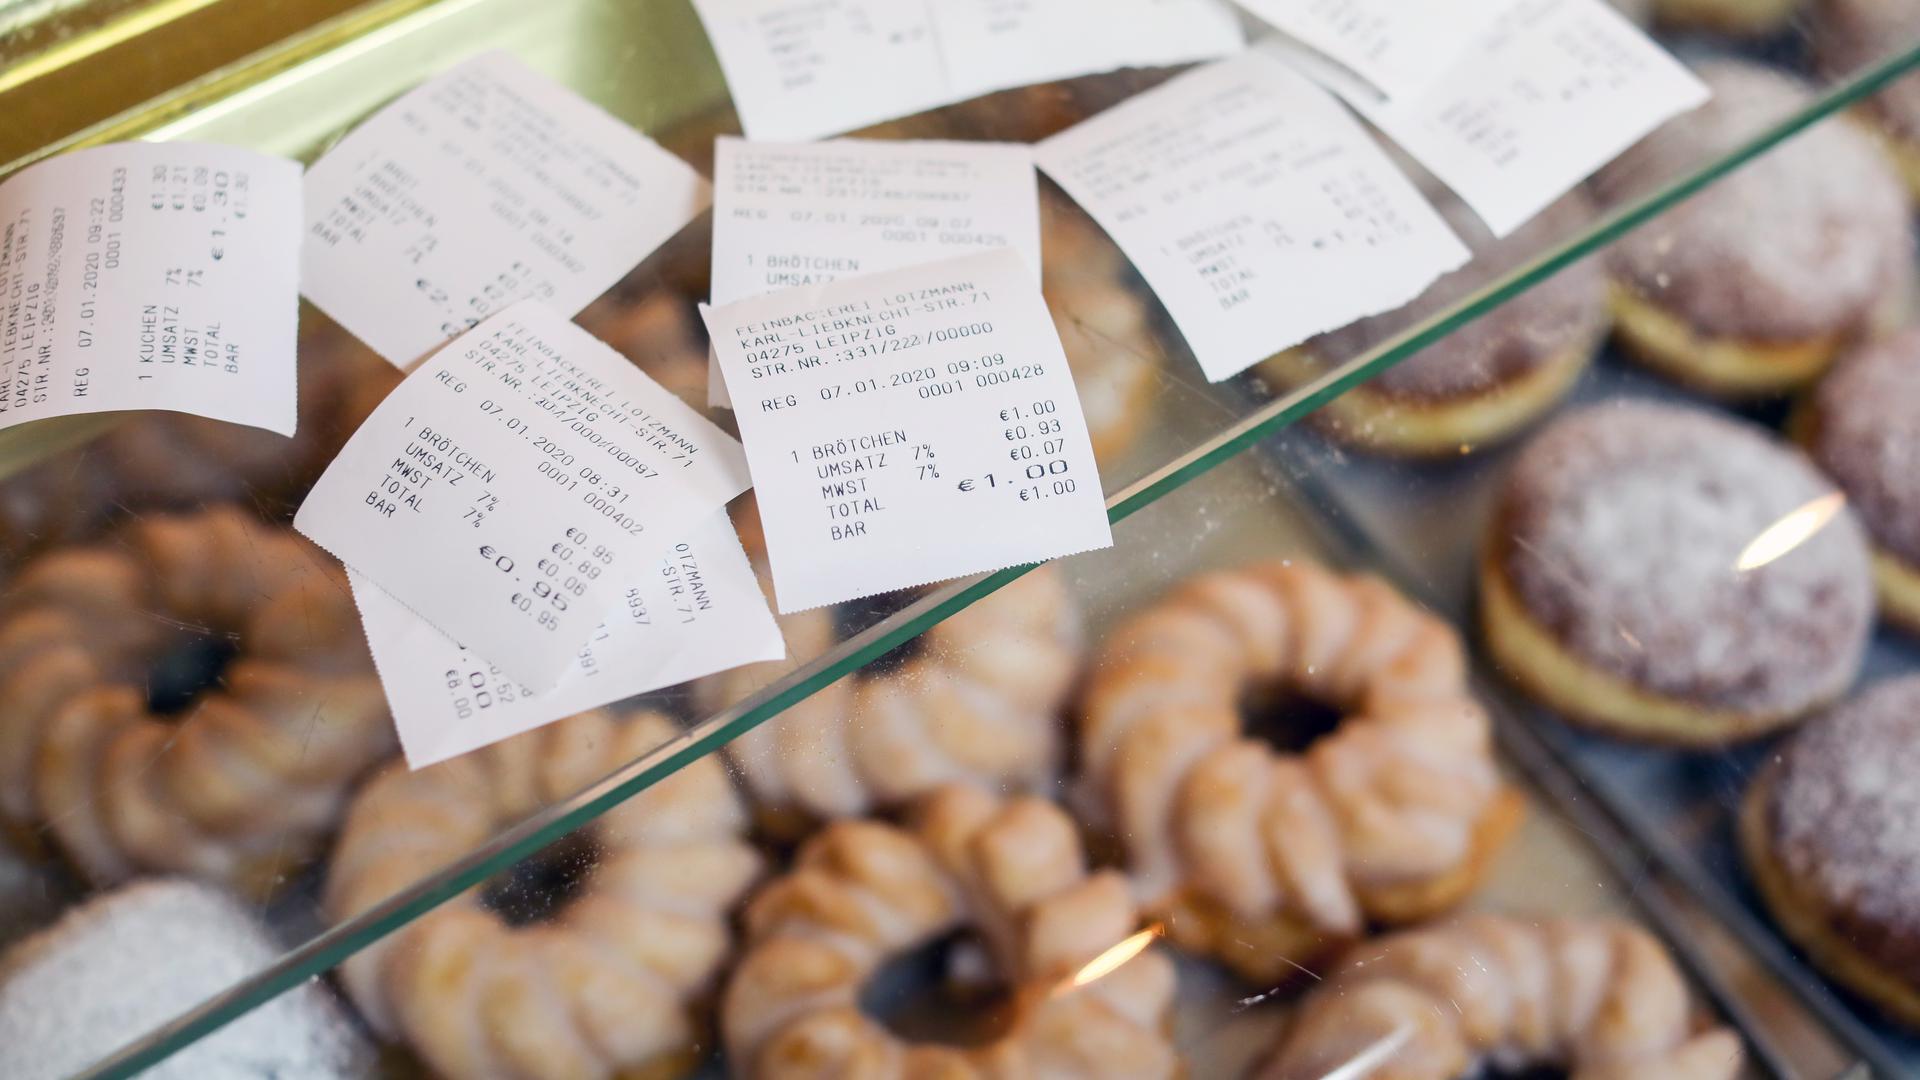 Seit Januar 2020 müssen Bäcker für jeden Einkauf einen Beleg ausgeben. Dadurch soll Steuerhinterziehung verhindert werden.